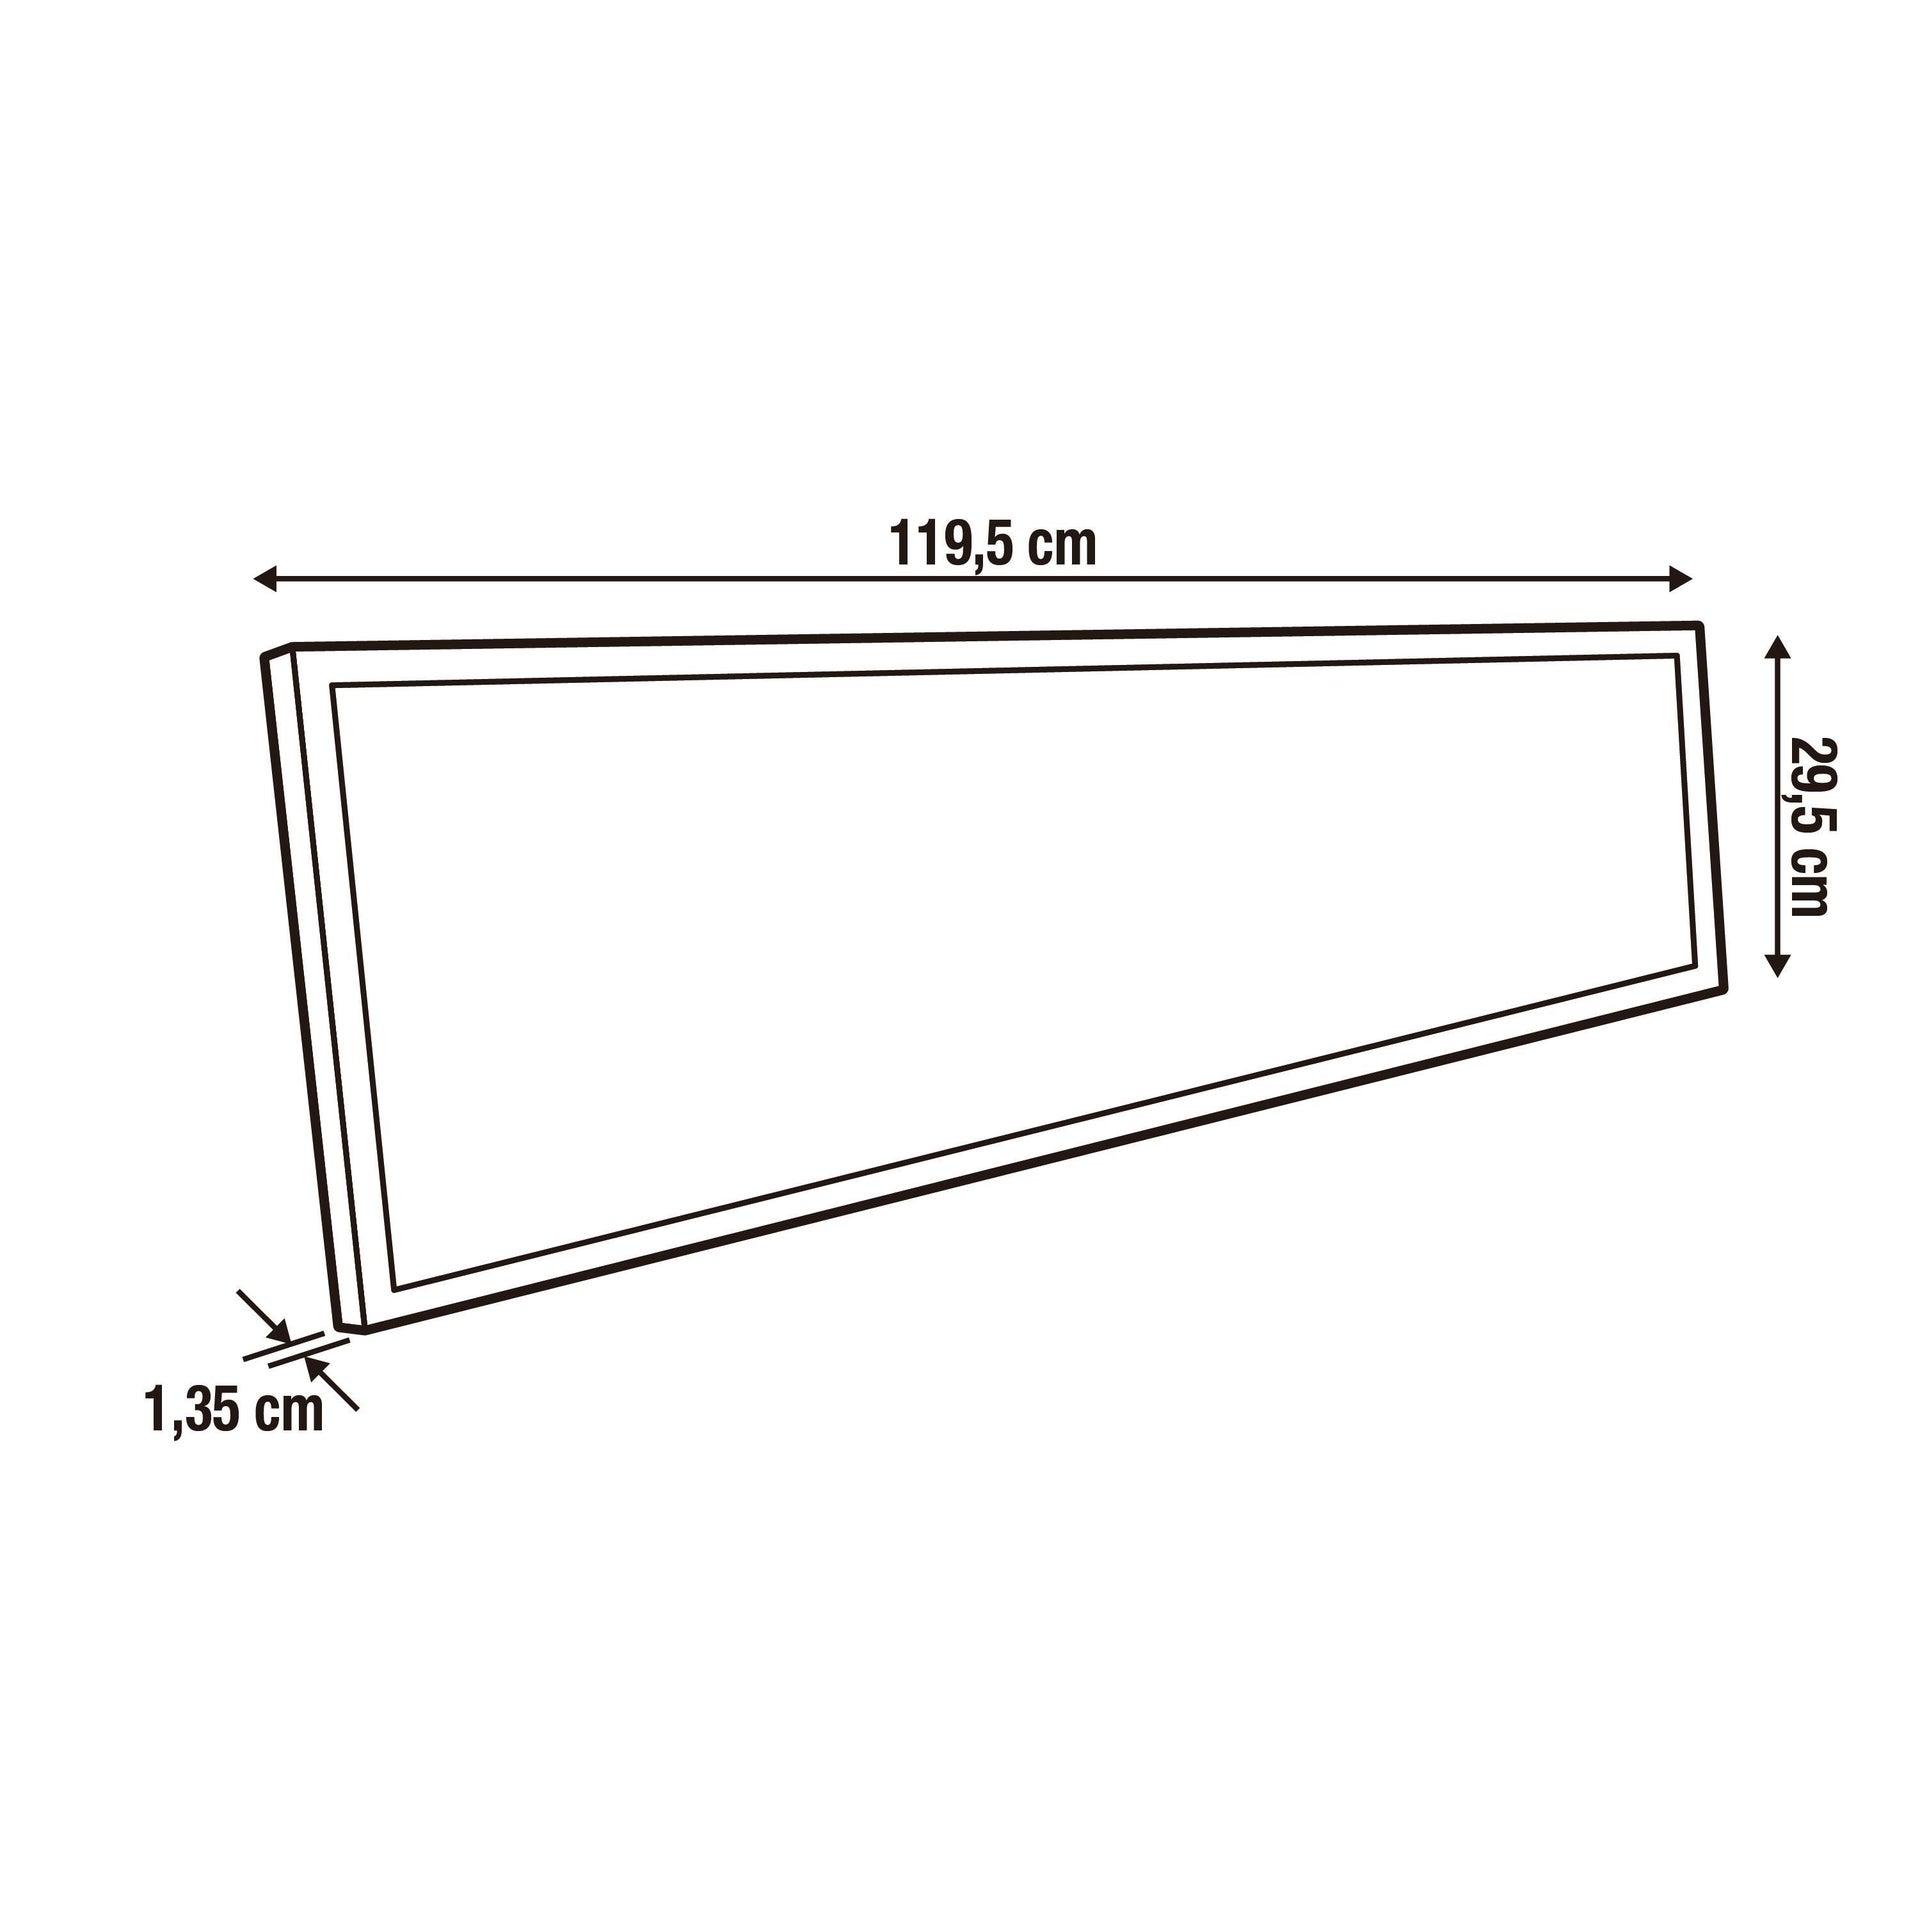 Pannello led Anvik 30x120 cm bianco naturale, 4000LM INSPIRE - 3